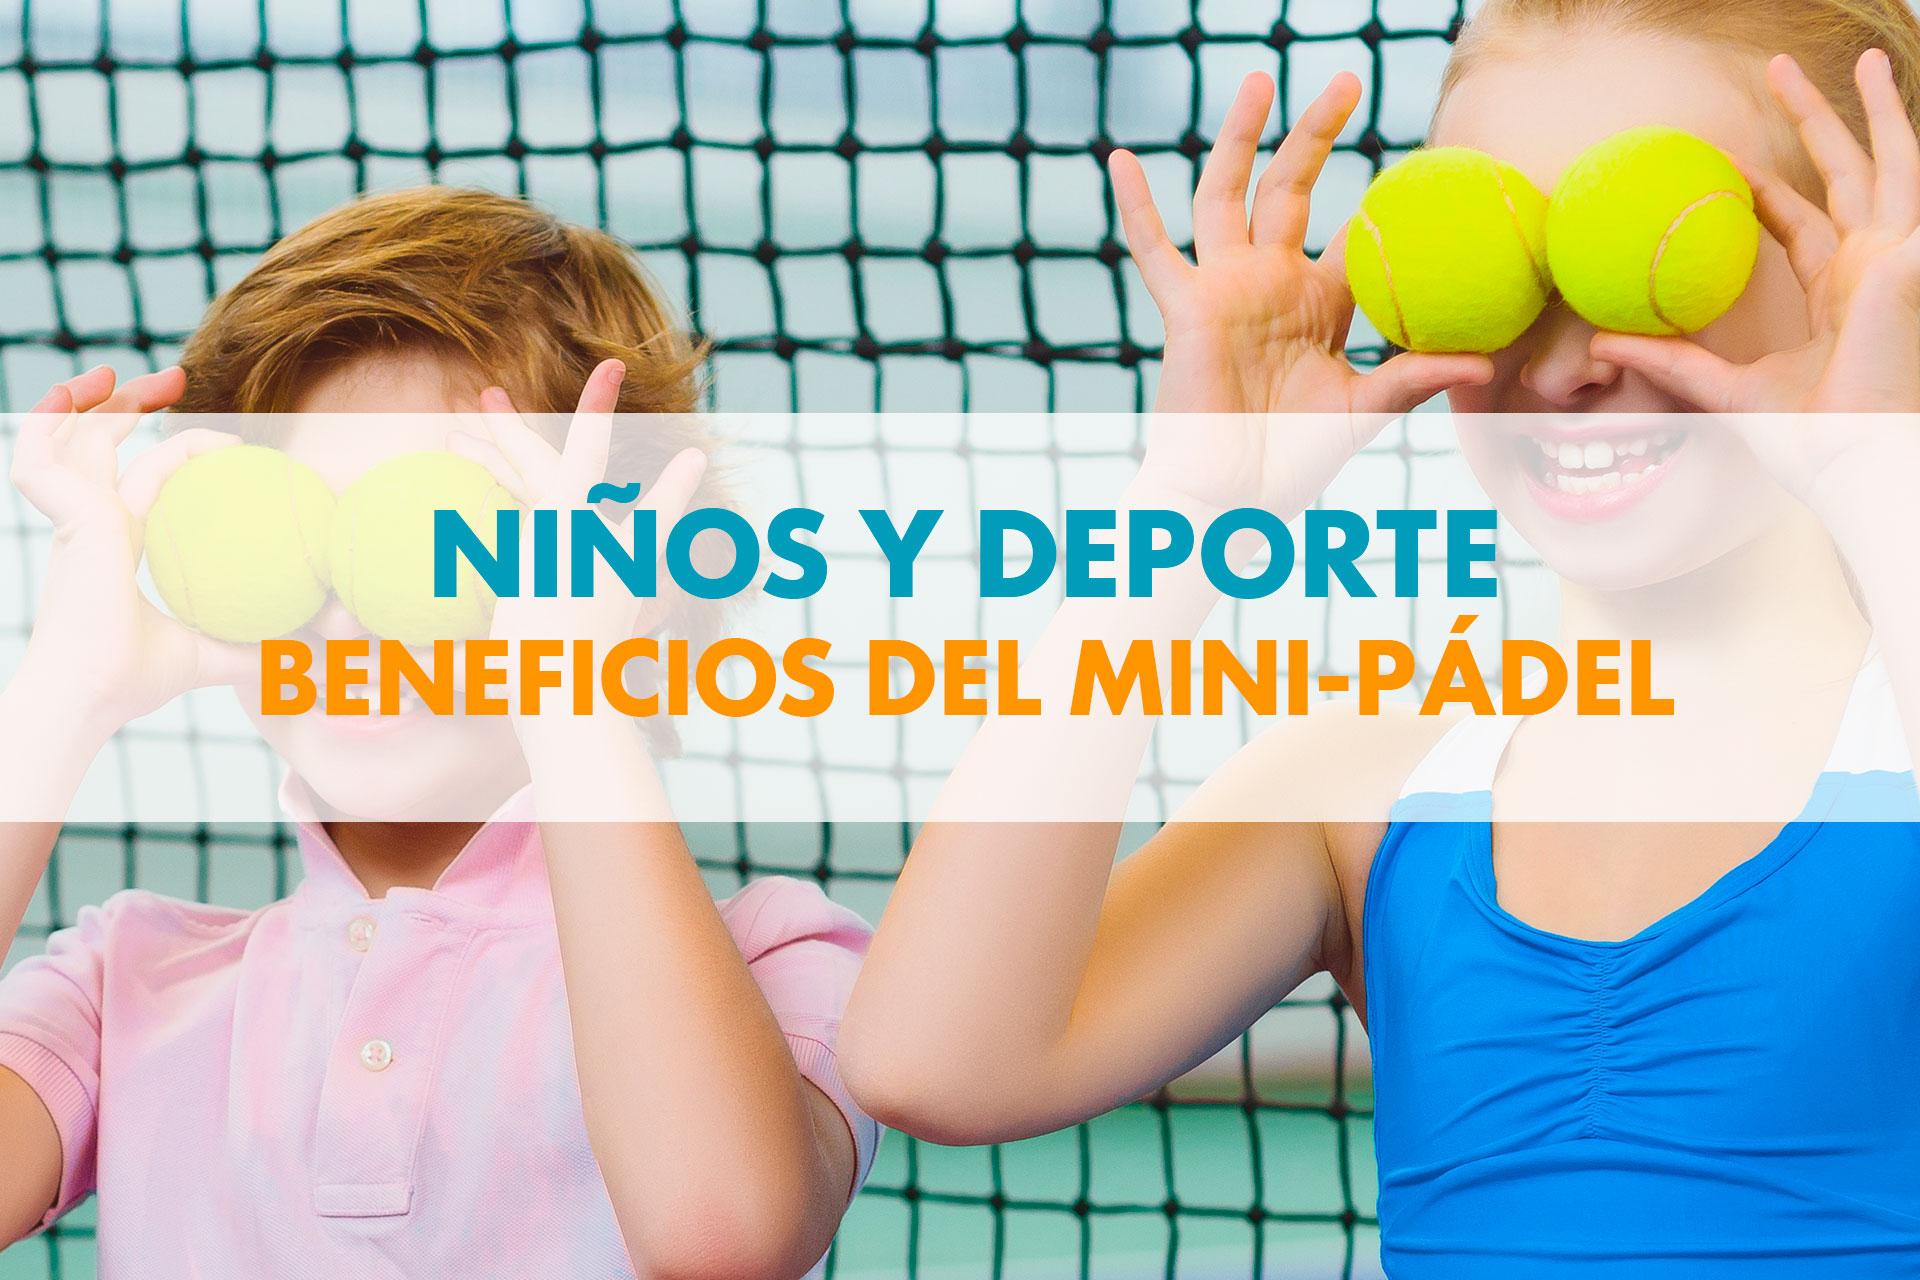 beneficios de mini-padel en niños